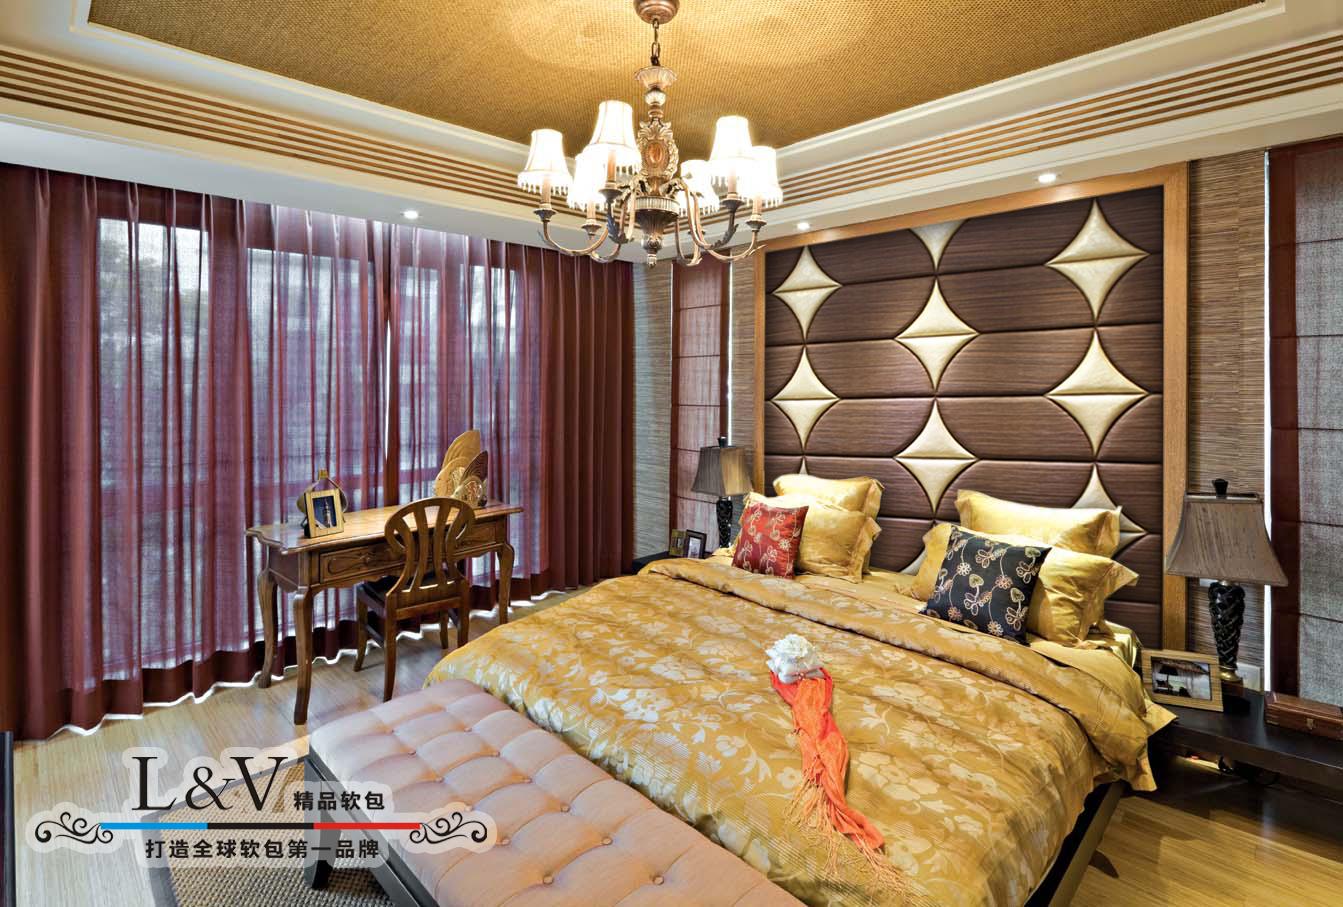 家居首页 商品列表 03 lv精品软包卧室   价格面议 关注度